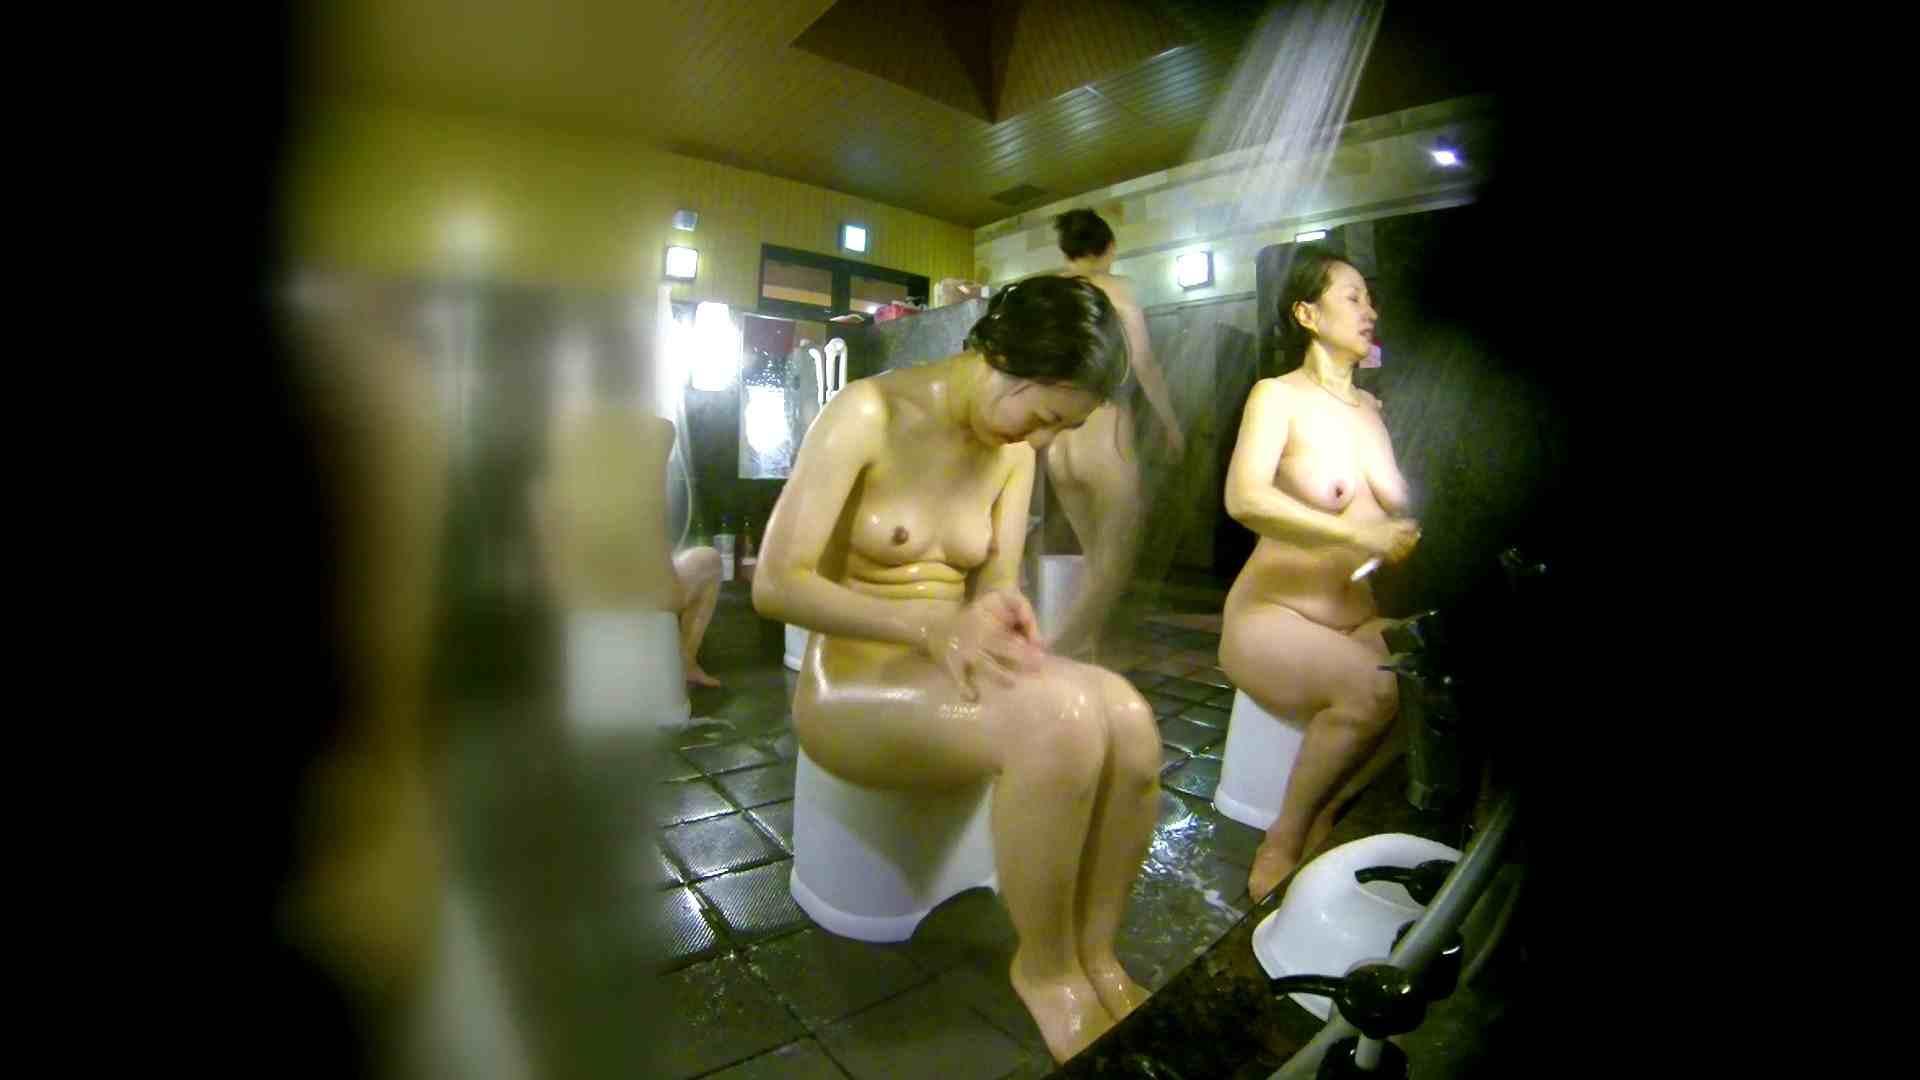 洗い場!右足の位置がいいですね。陰毛もっさり! 潜入  107枚 56